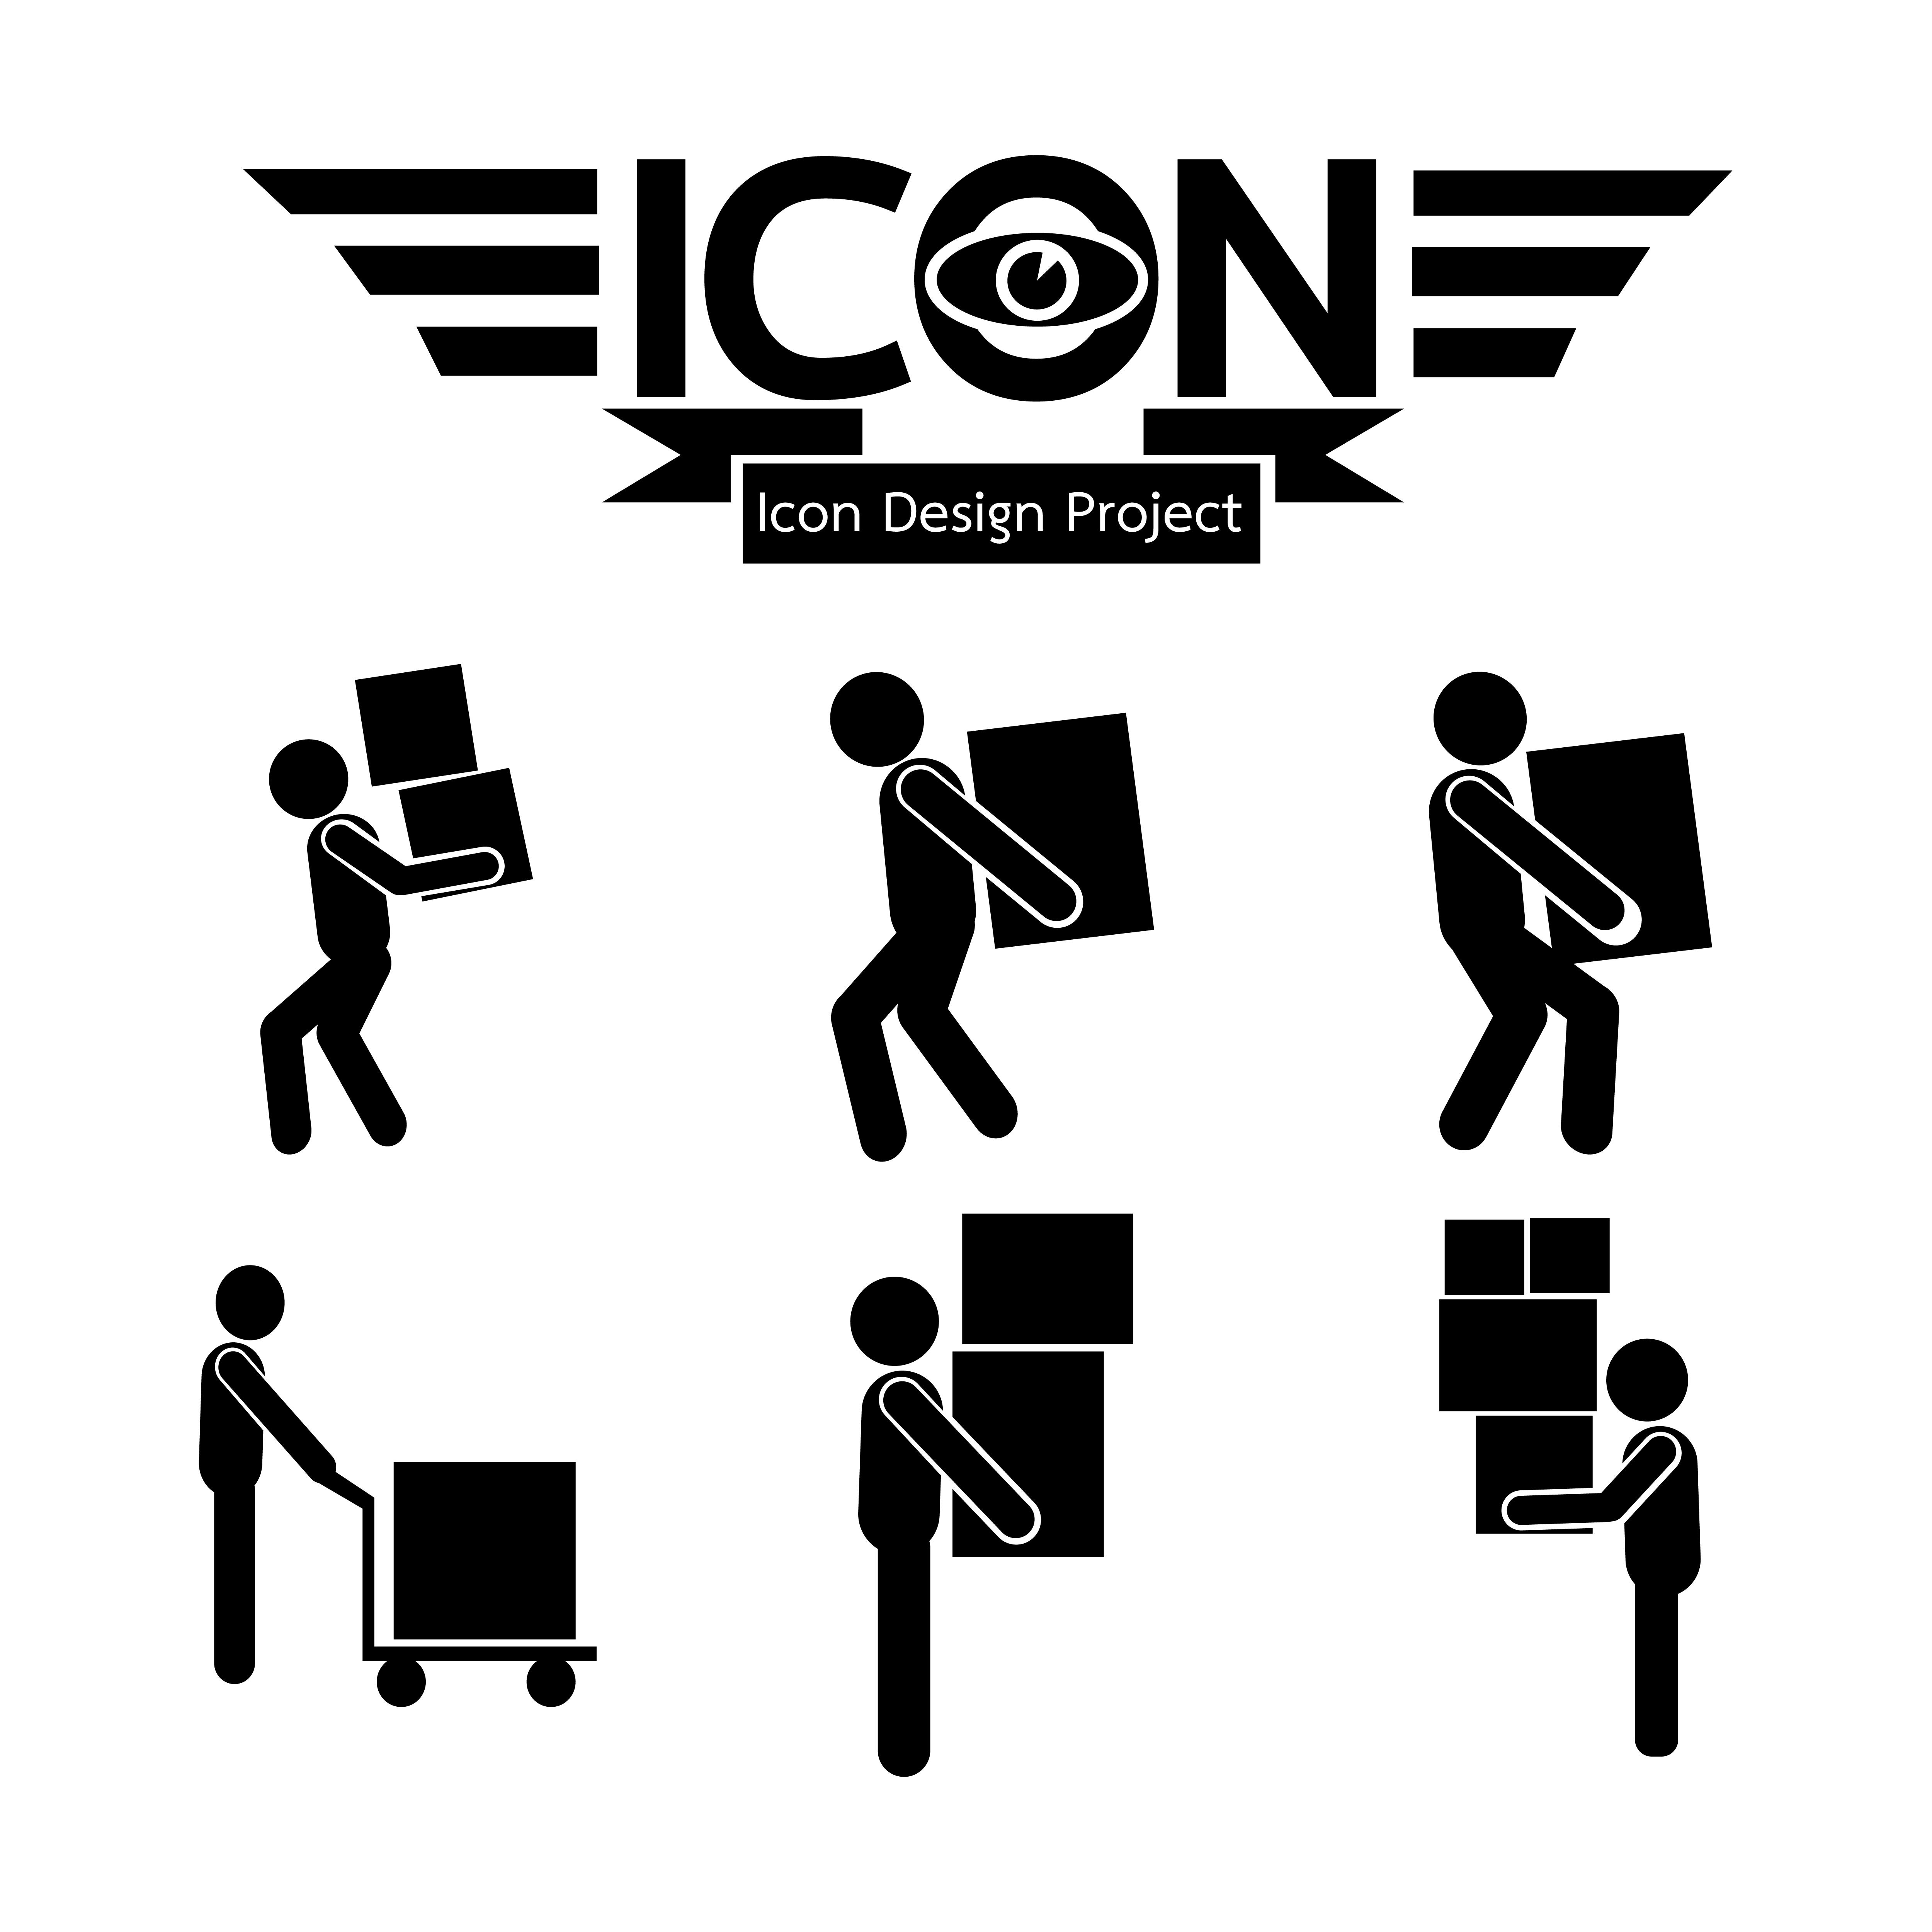 人icon 免費下載   天天瘋後製